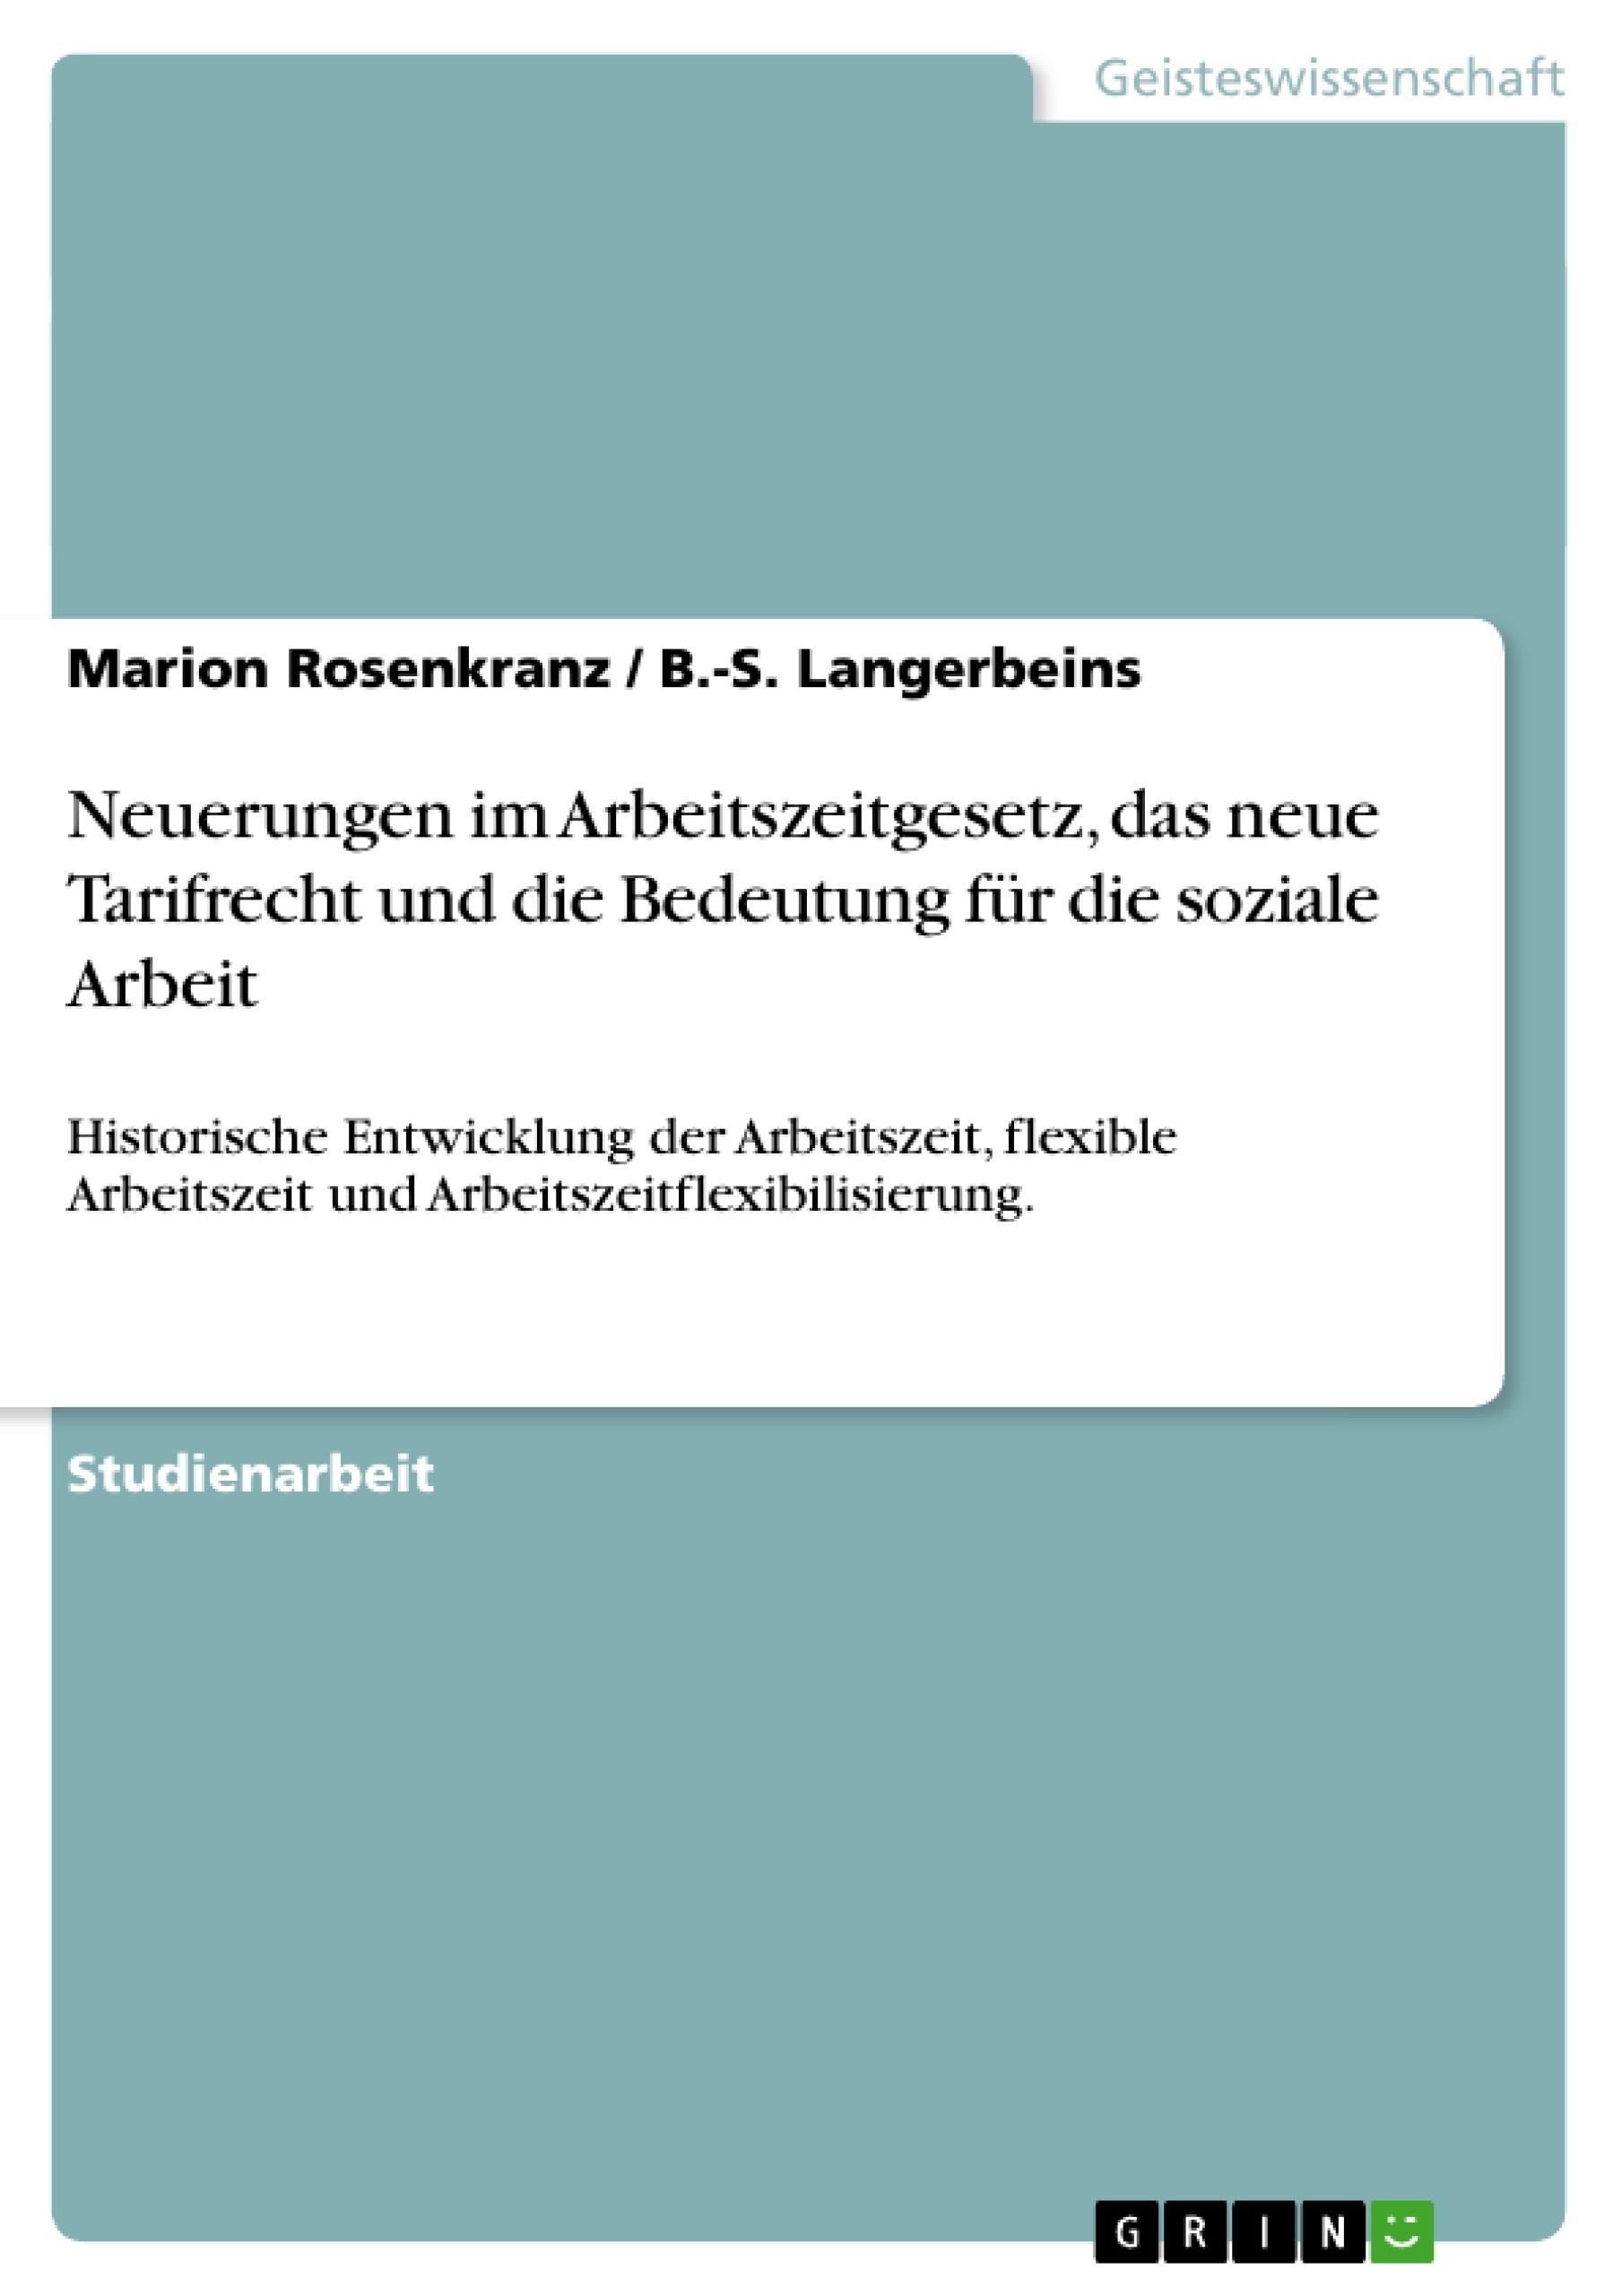 Titel: Neuerungen im Arbeitszeitgesetz, das neue Tarifrecht und die Bedeutung für die soziale Arbeit